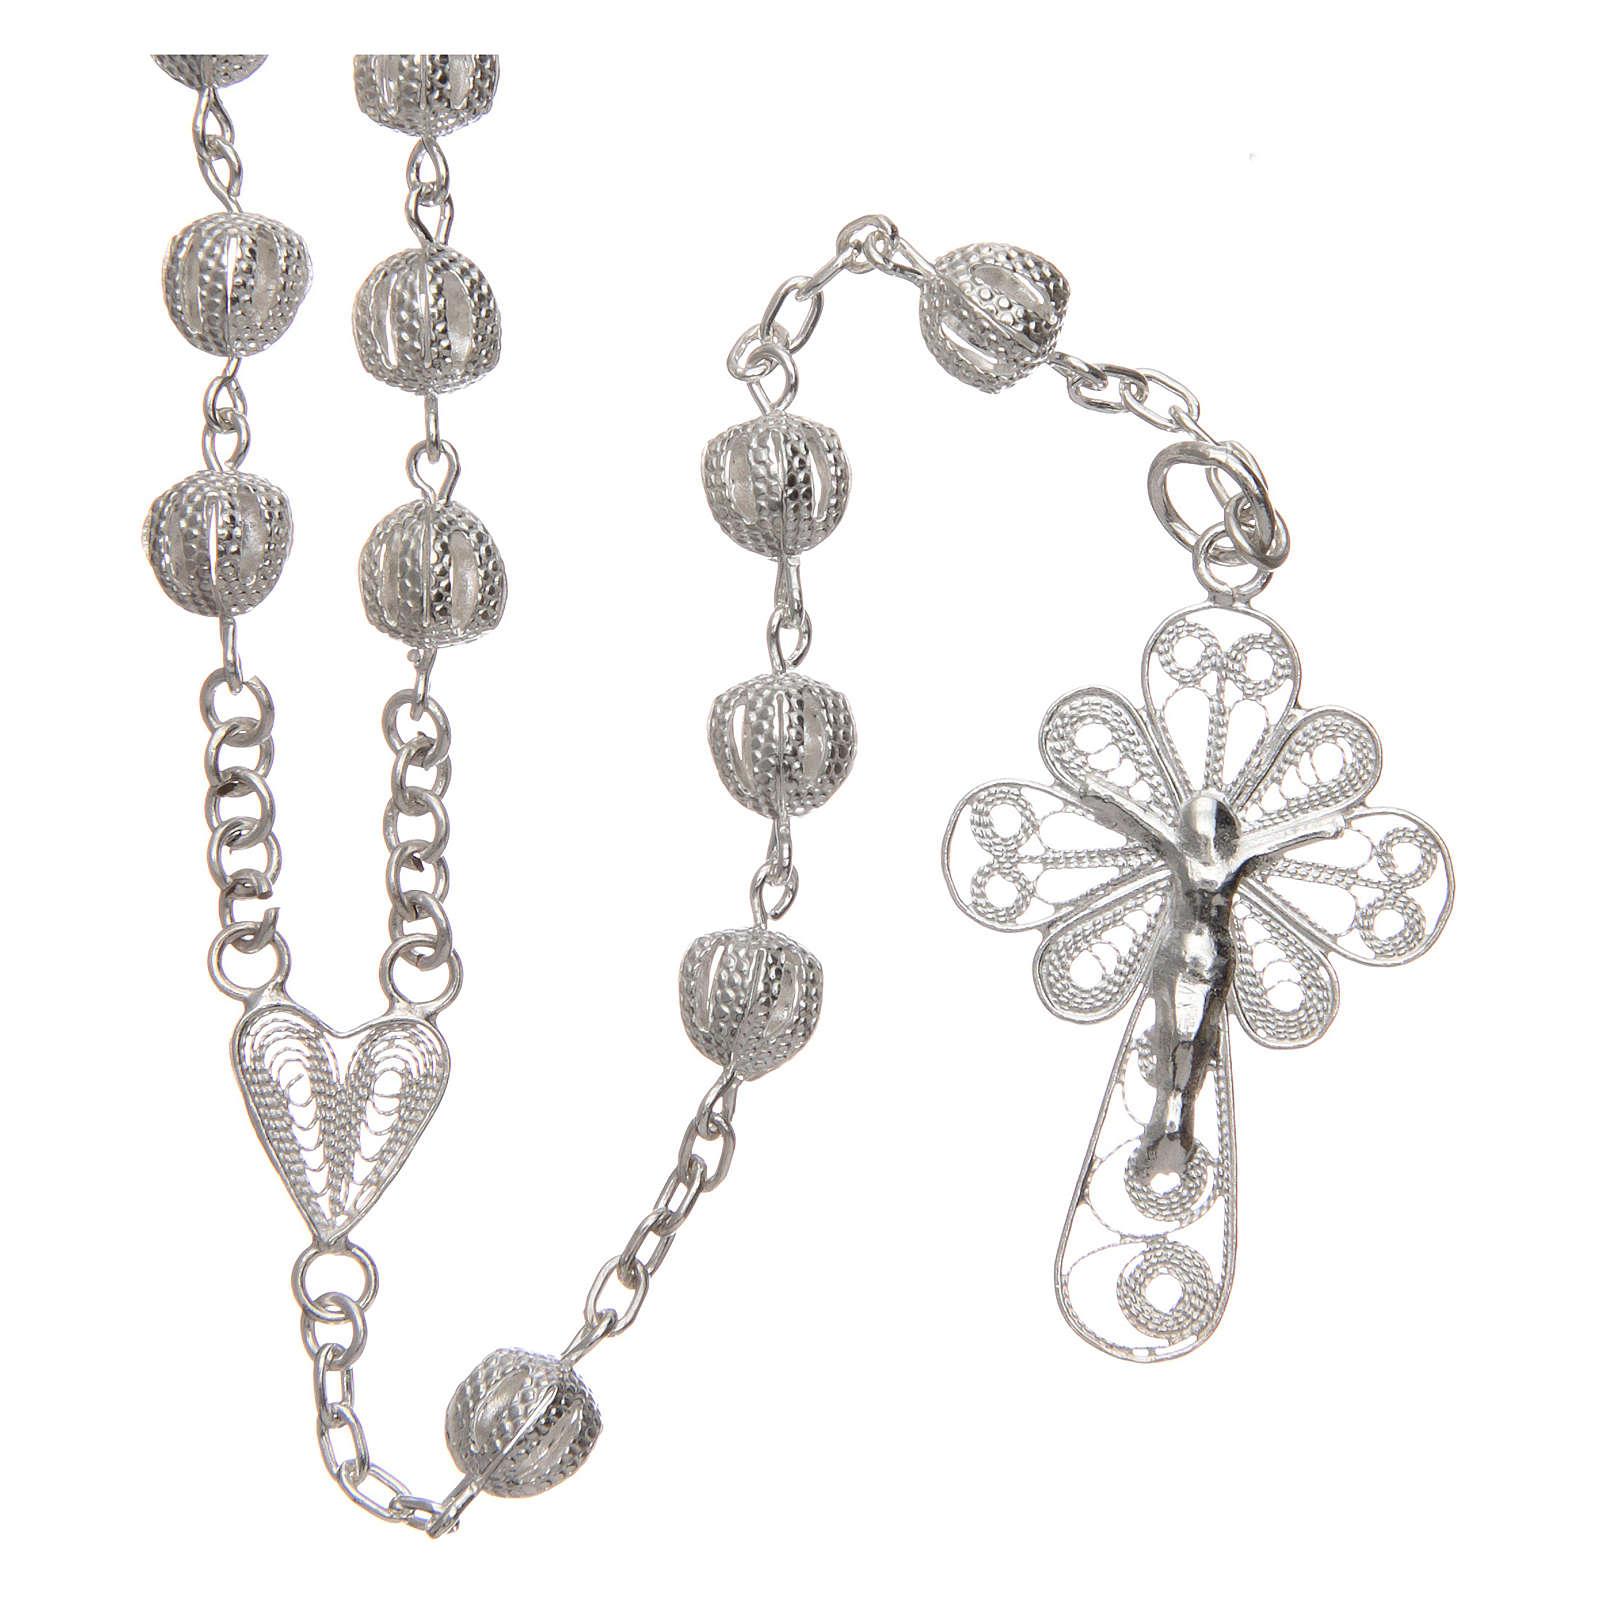 Rosenkranz Kette AMEN forsa Silber 925 Perlen 2.5mm 4